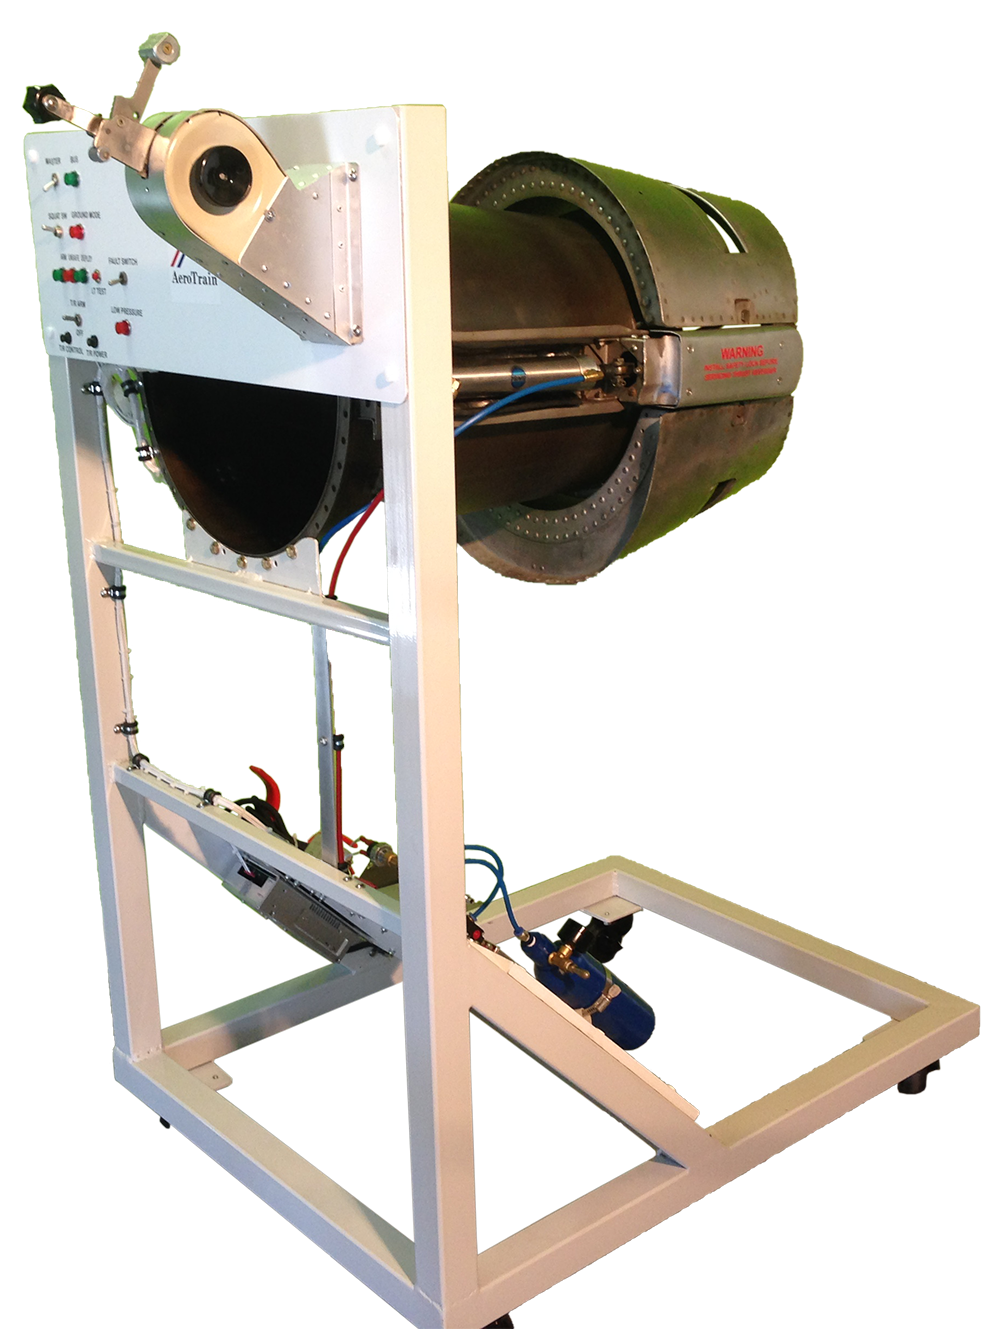 AE-24 Alat Peraga Sistem Thrust Reverser